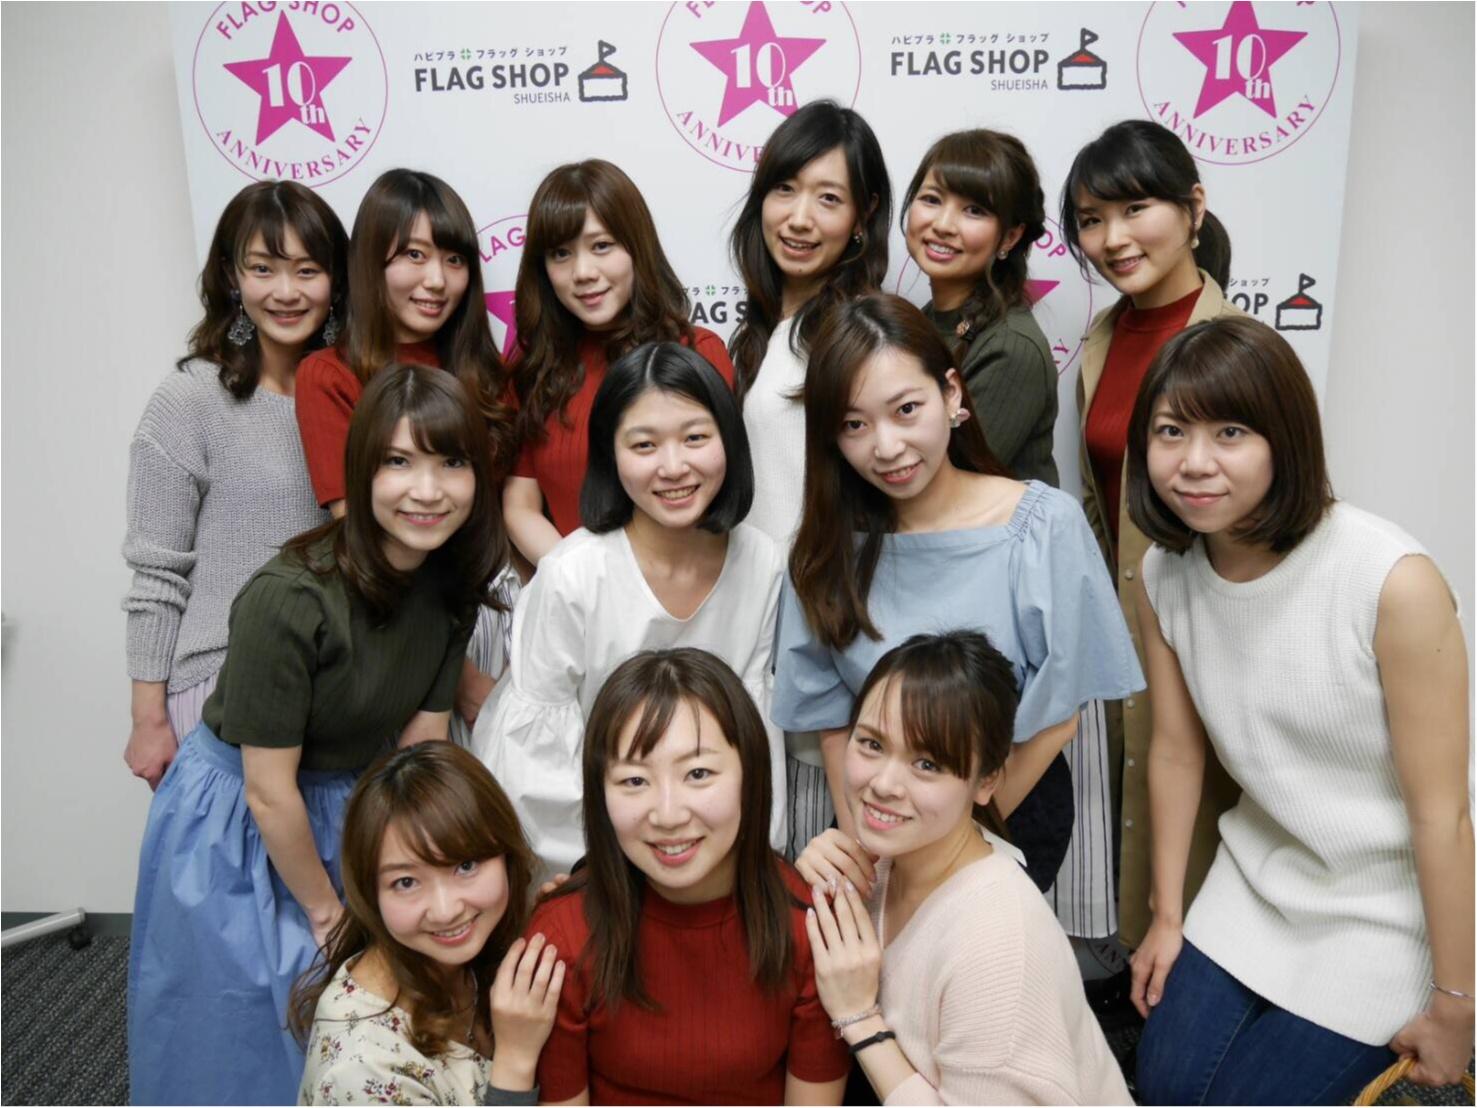 おめでとう〜★FLAGSHOP10th★佐藤ありさトークショーも♡モアハピ部のみんなと参加させていただきました^ ^_13